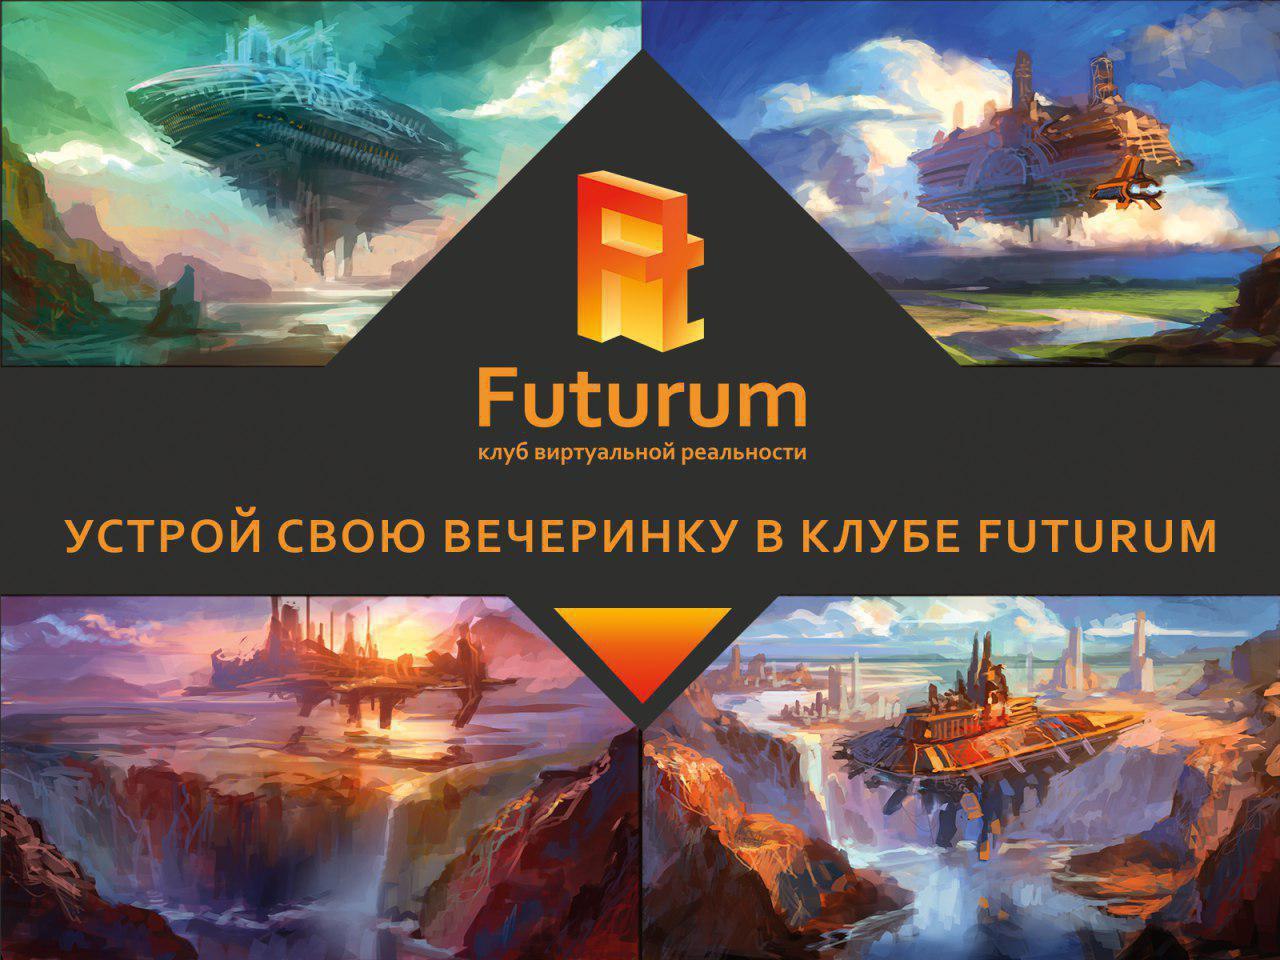 Устрой свою вечеринку в клубе Futurum!